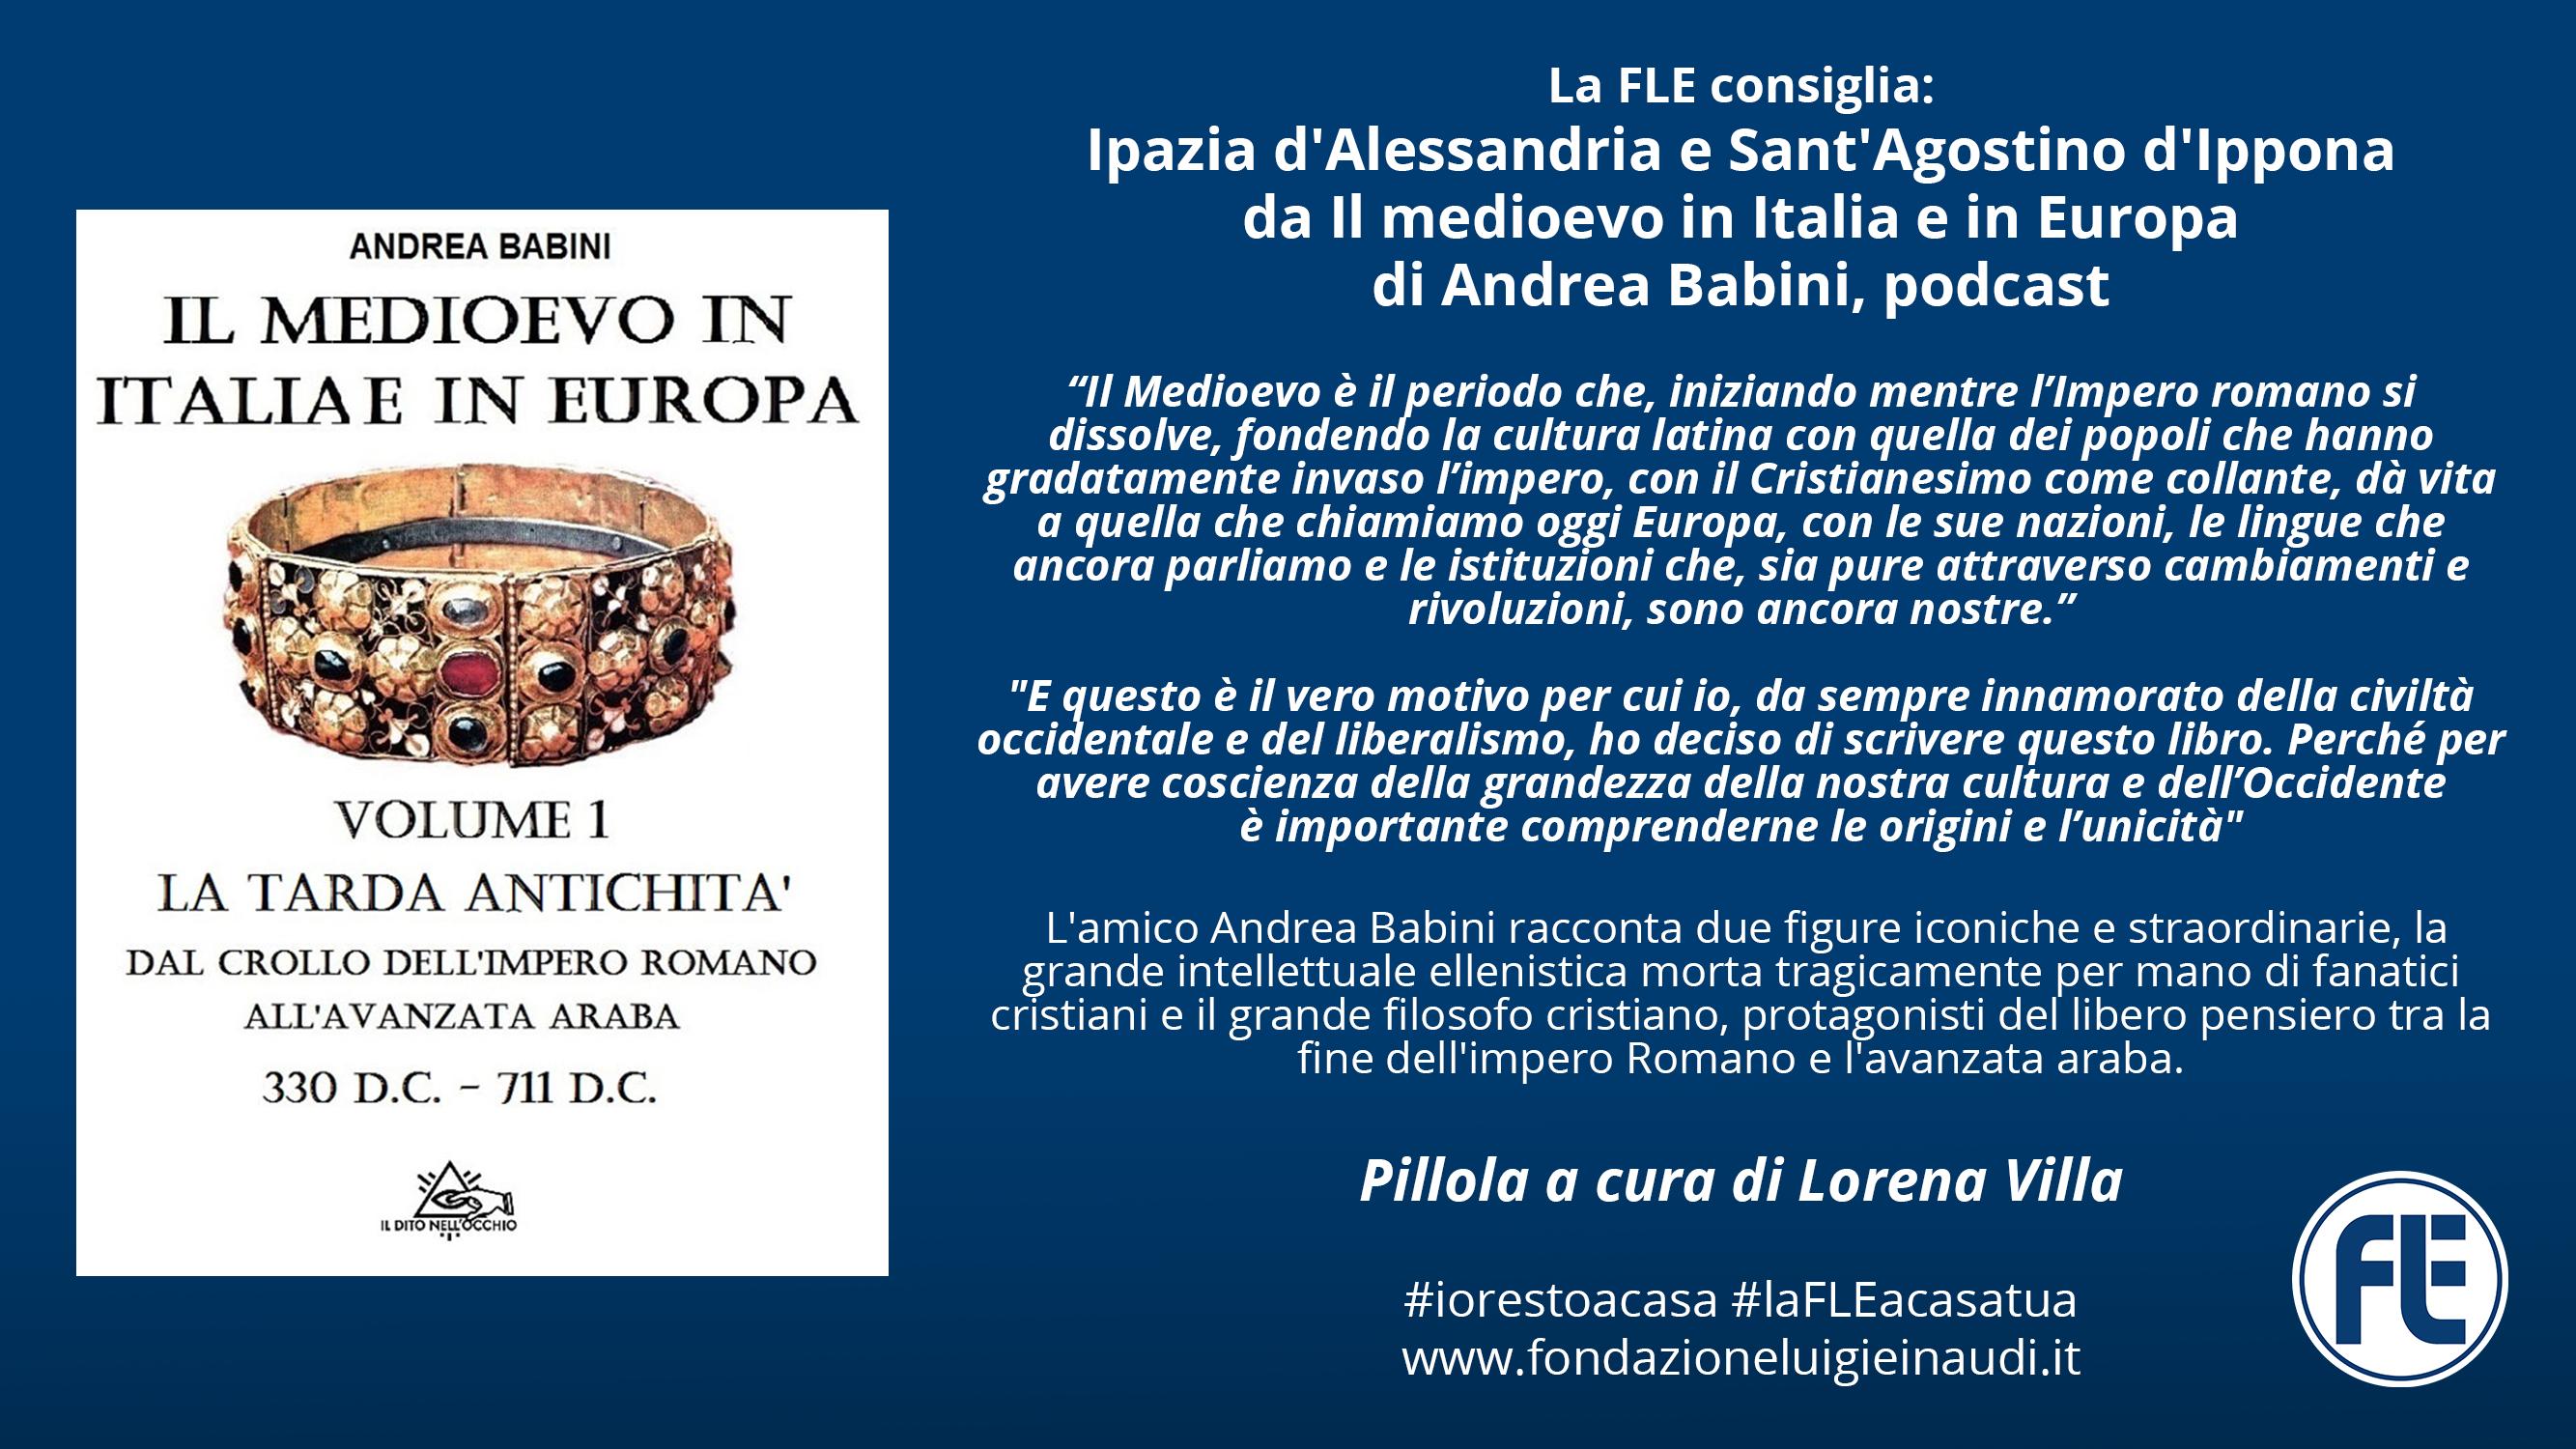 #laFLEacasatua – Pillola #11, Ipazia d'Alessandria e Sant'Agostino d'Ippona